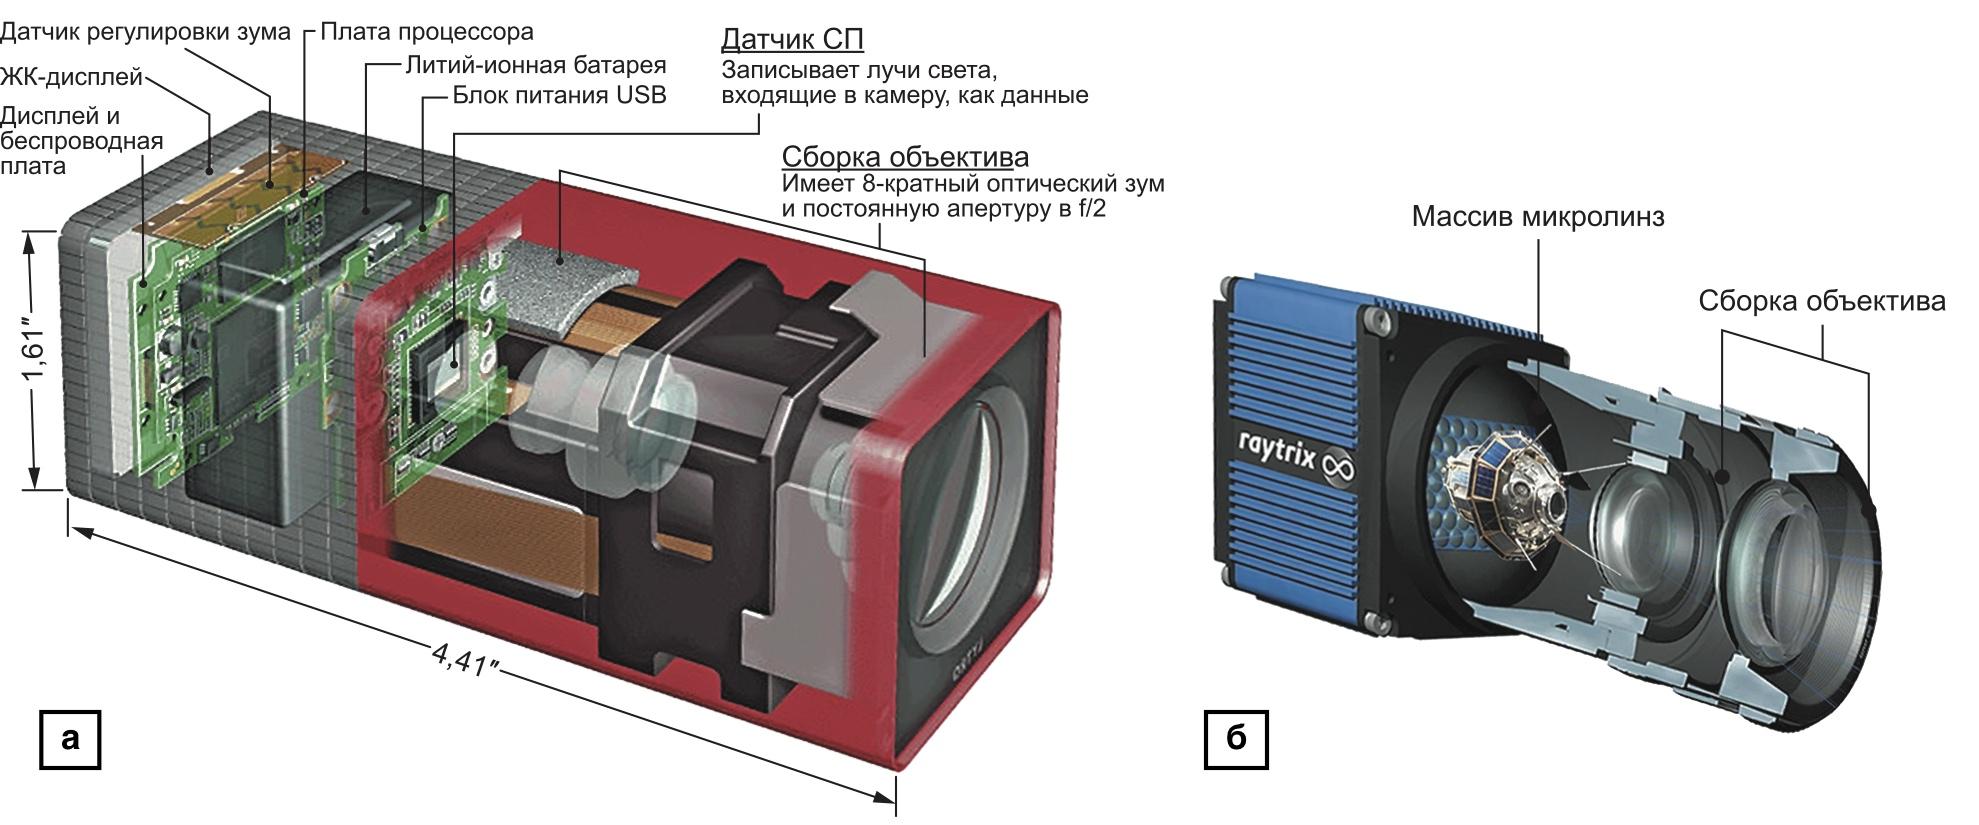 Регистраторы СП на основе микролинз: камера Lytro (версия А6); камера Raytrix (R29/R47 Series)